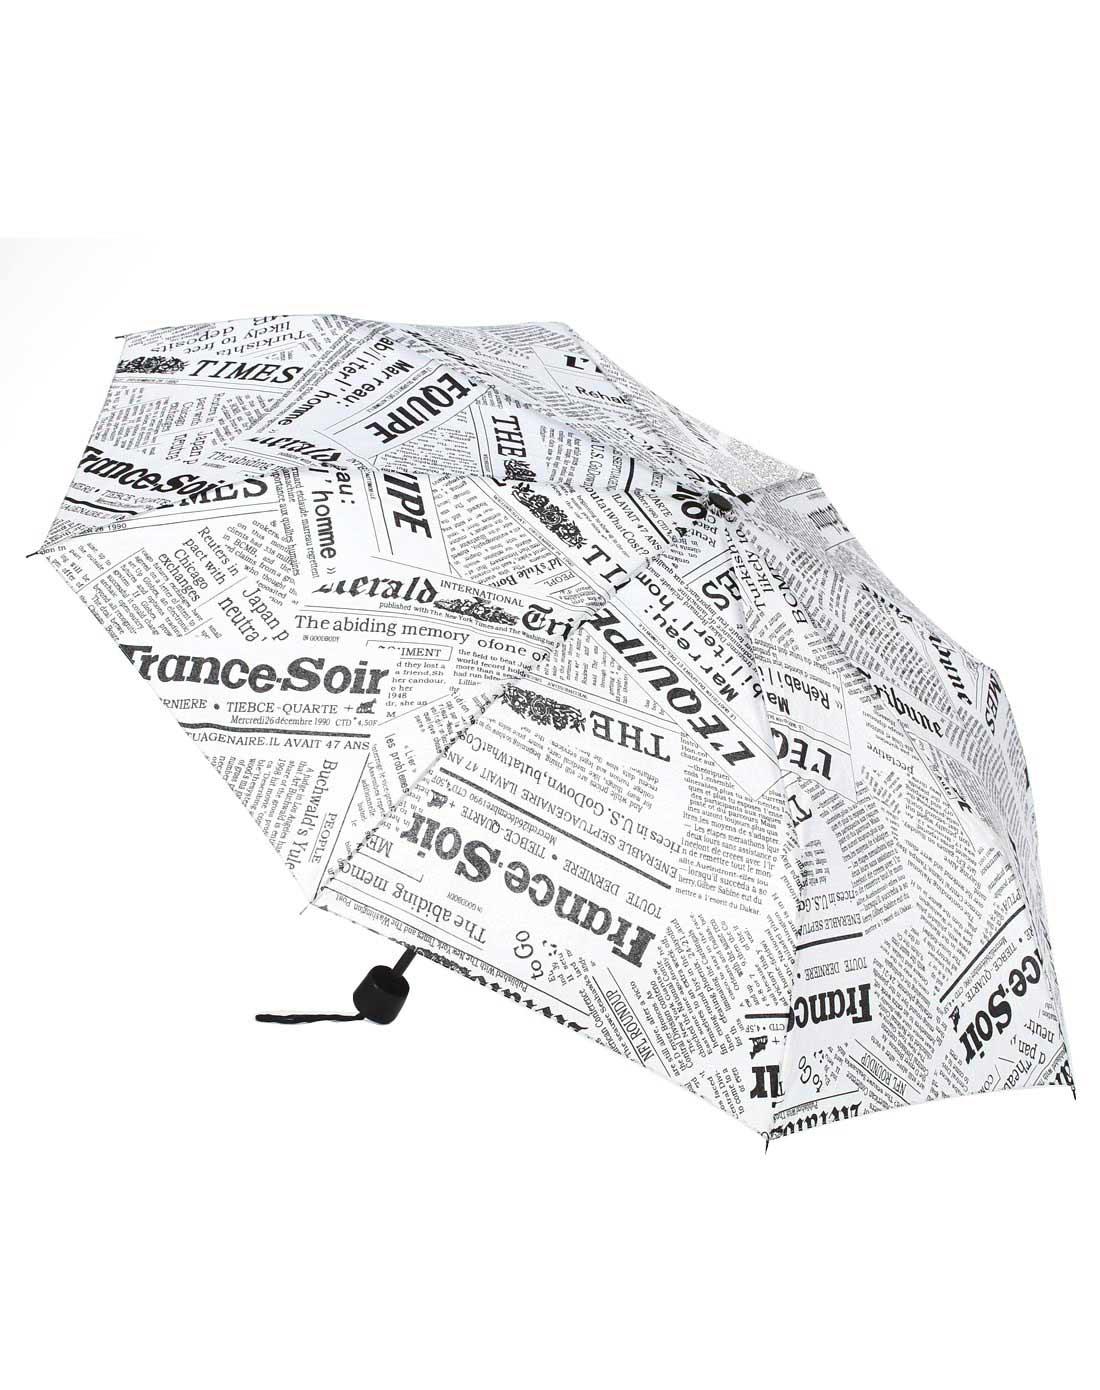 趣玩创意家居移动端专场 > 新款外文报纸伞